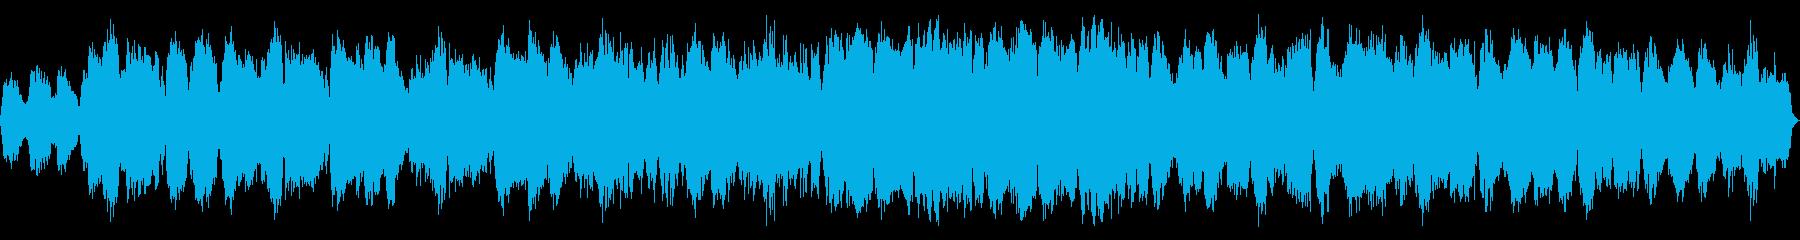 笛とシンセサイザーの静かで神秘的なBGMの再生済みの波形